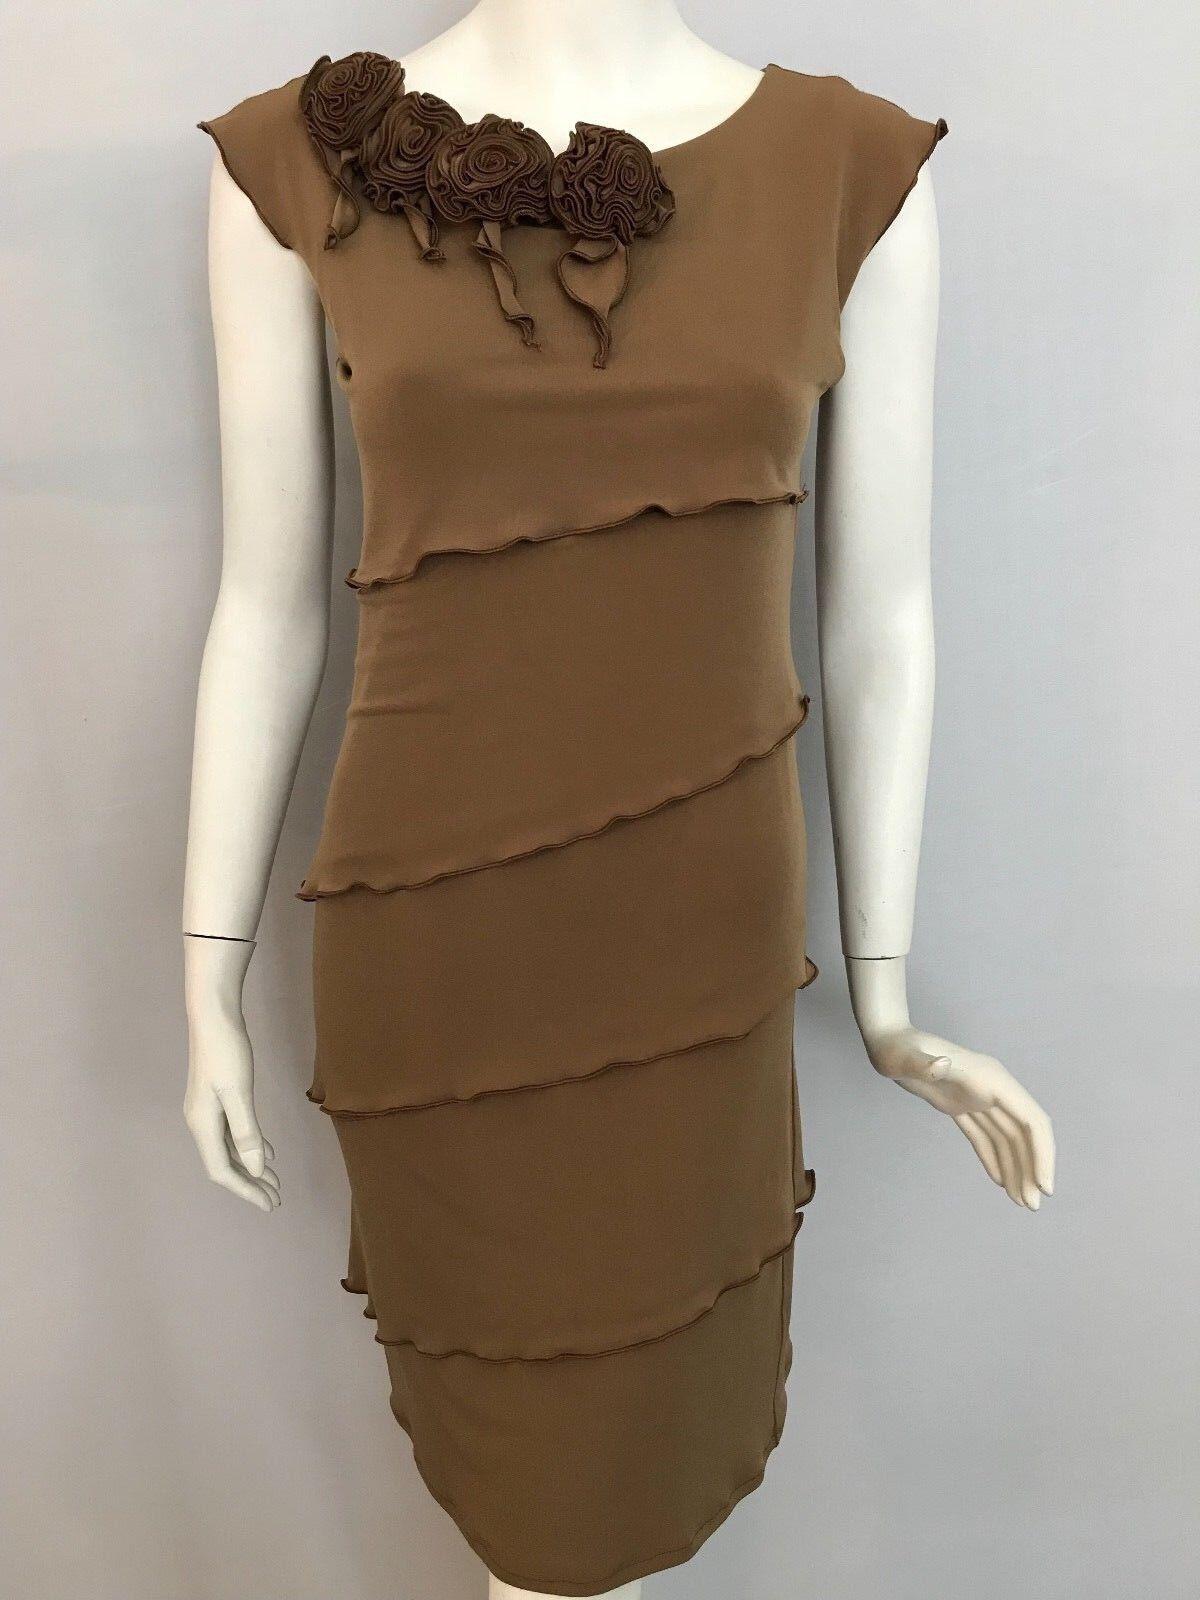 EVA VARRO NWT Camel Sleeveless Tiered Ruffled Double Layer Dress Size Small NEW